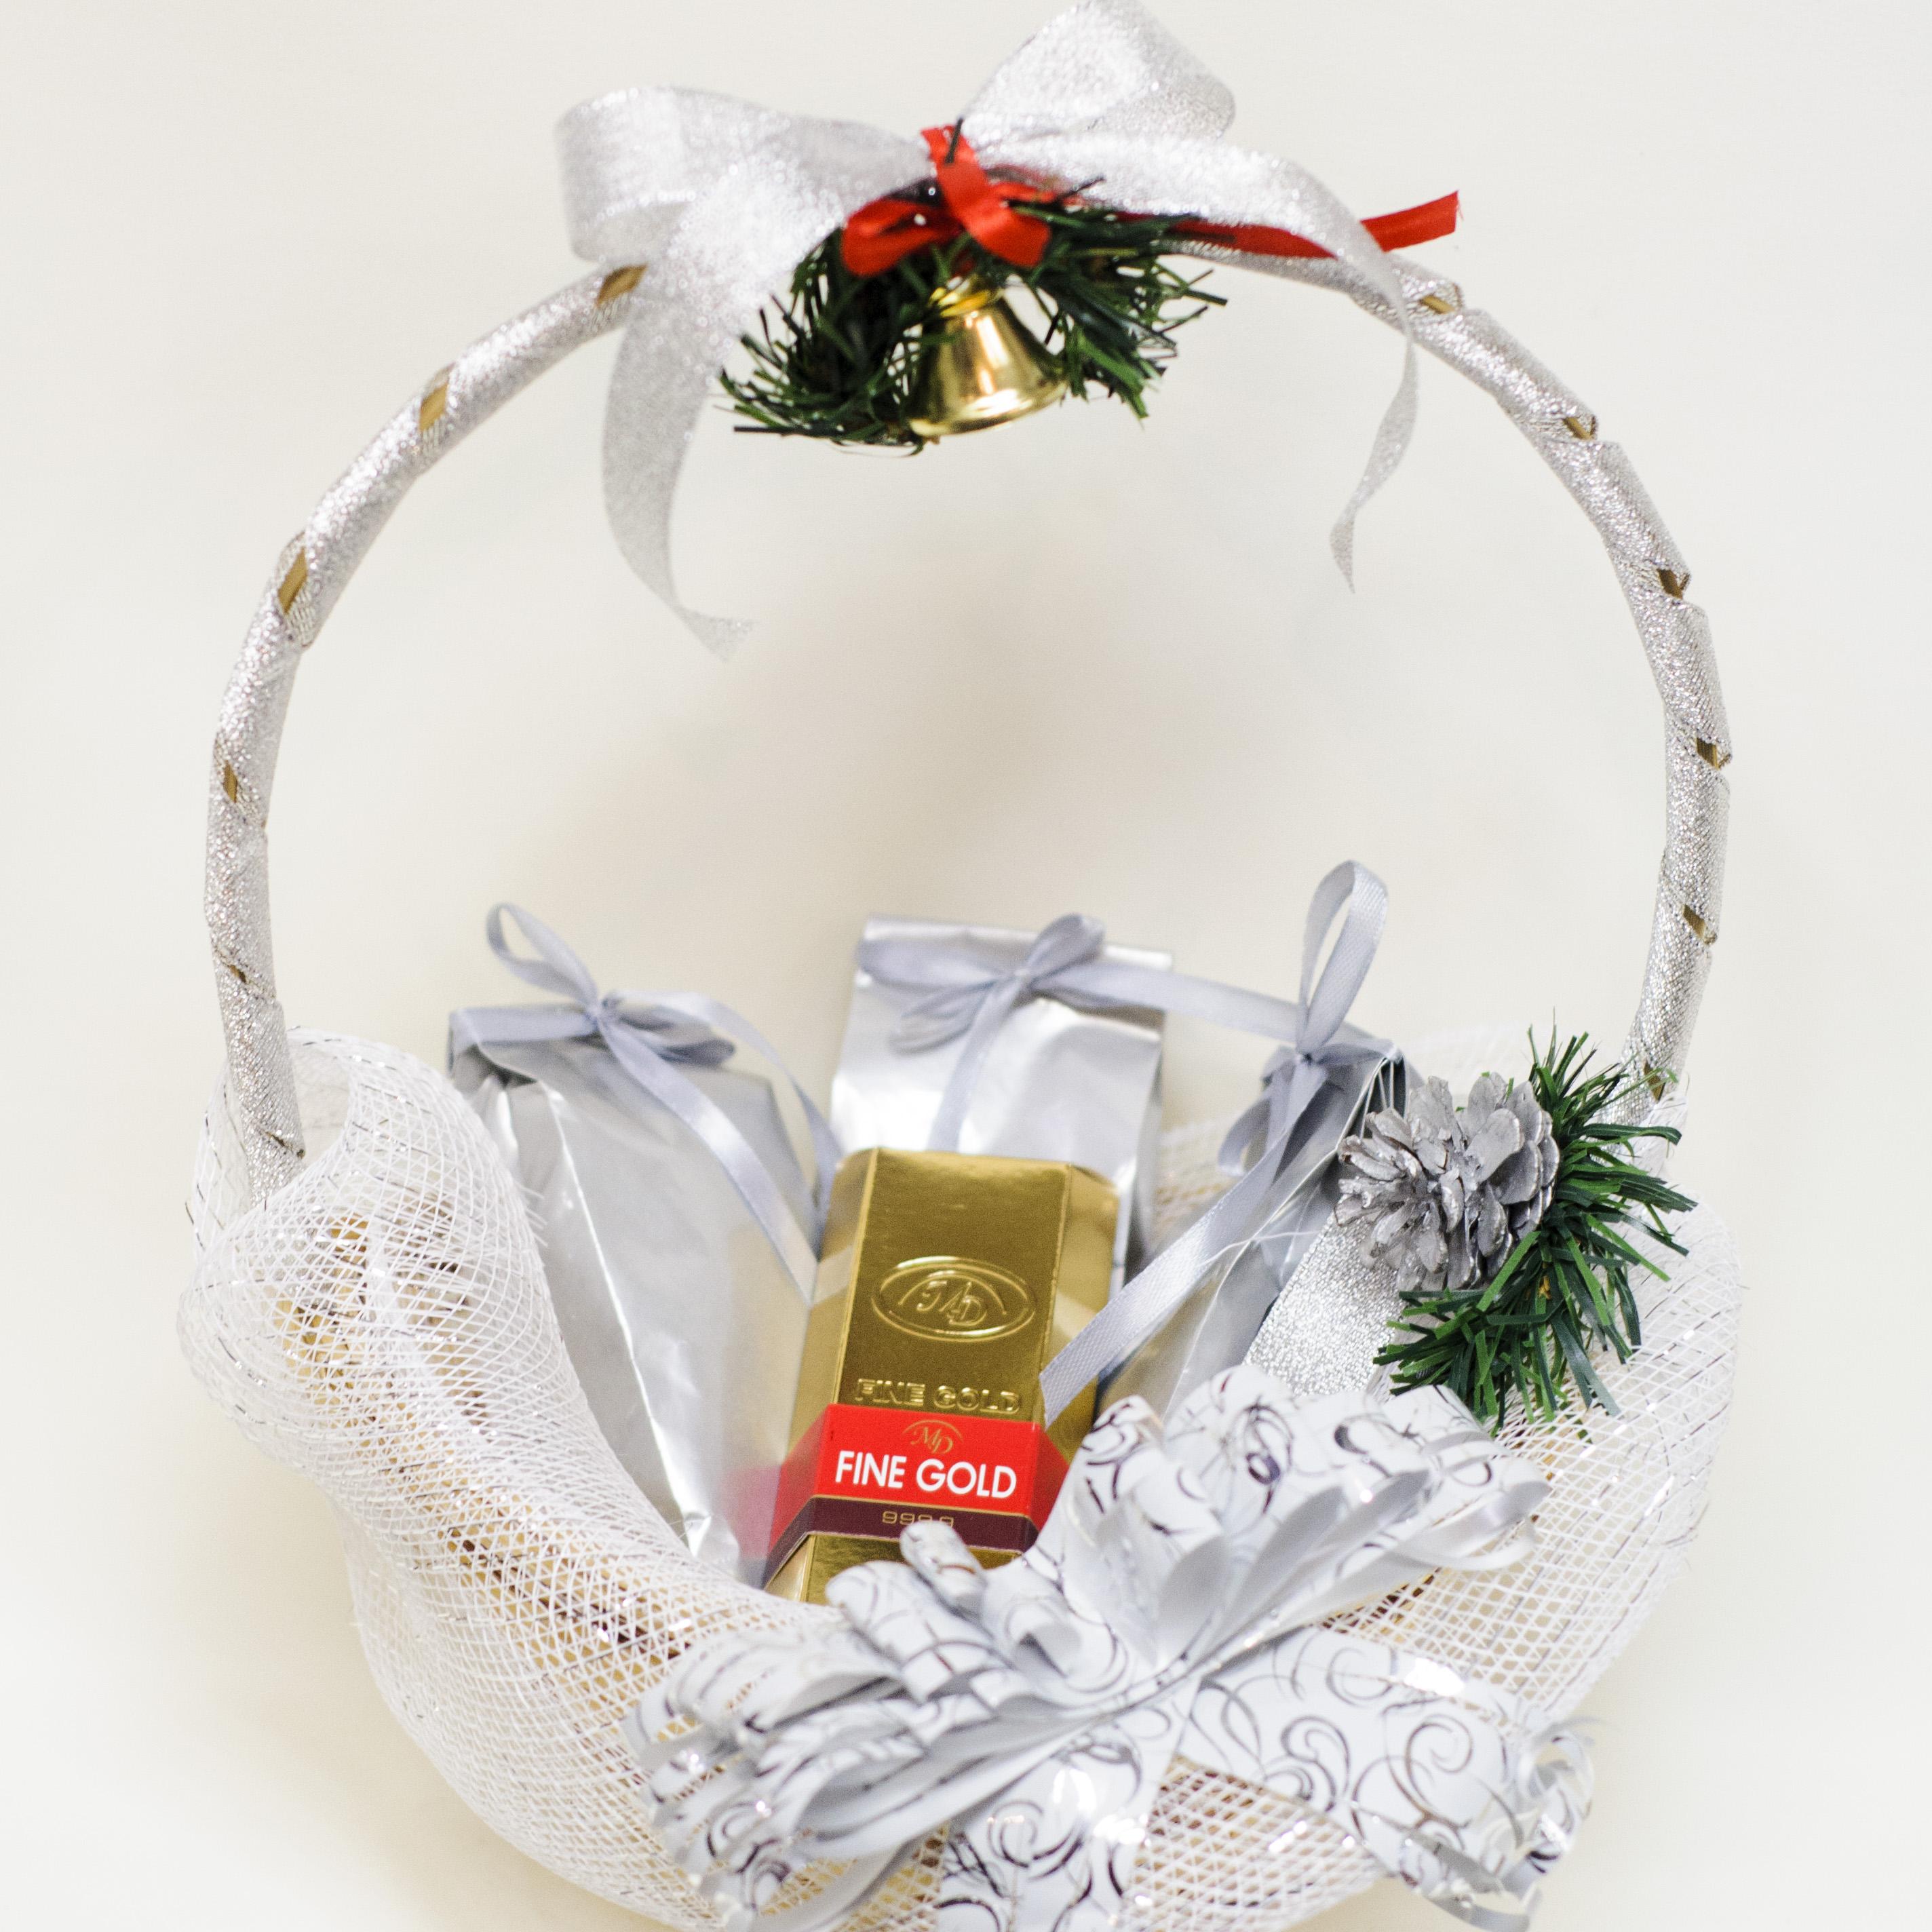 Новогодние подарки в корзине 49